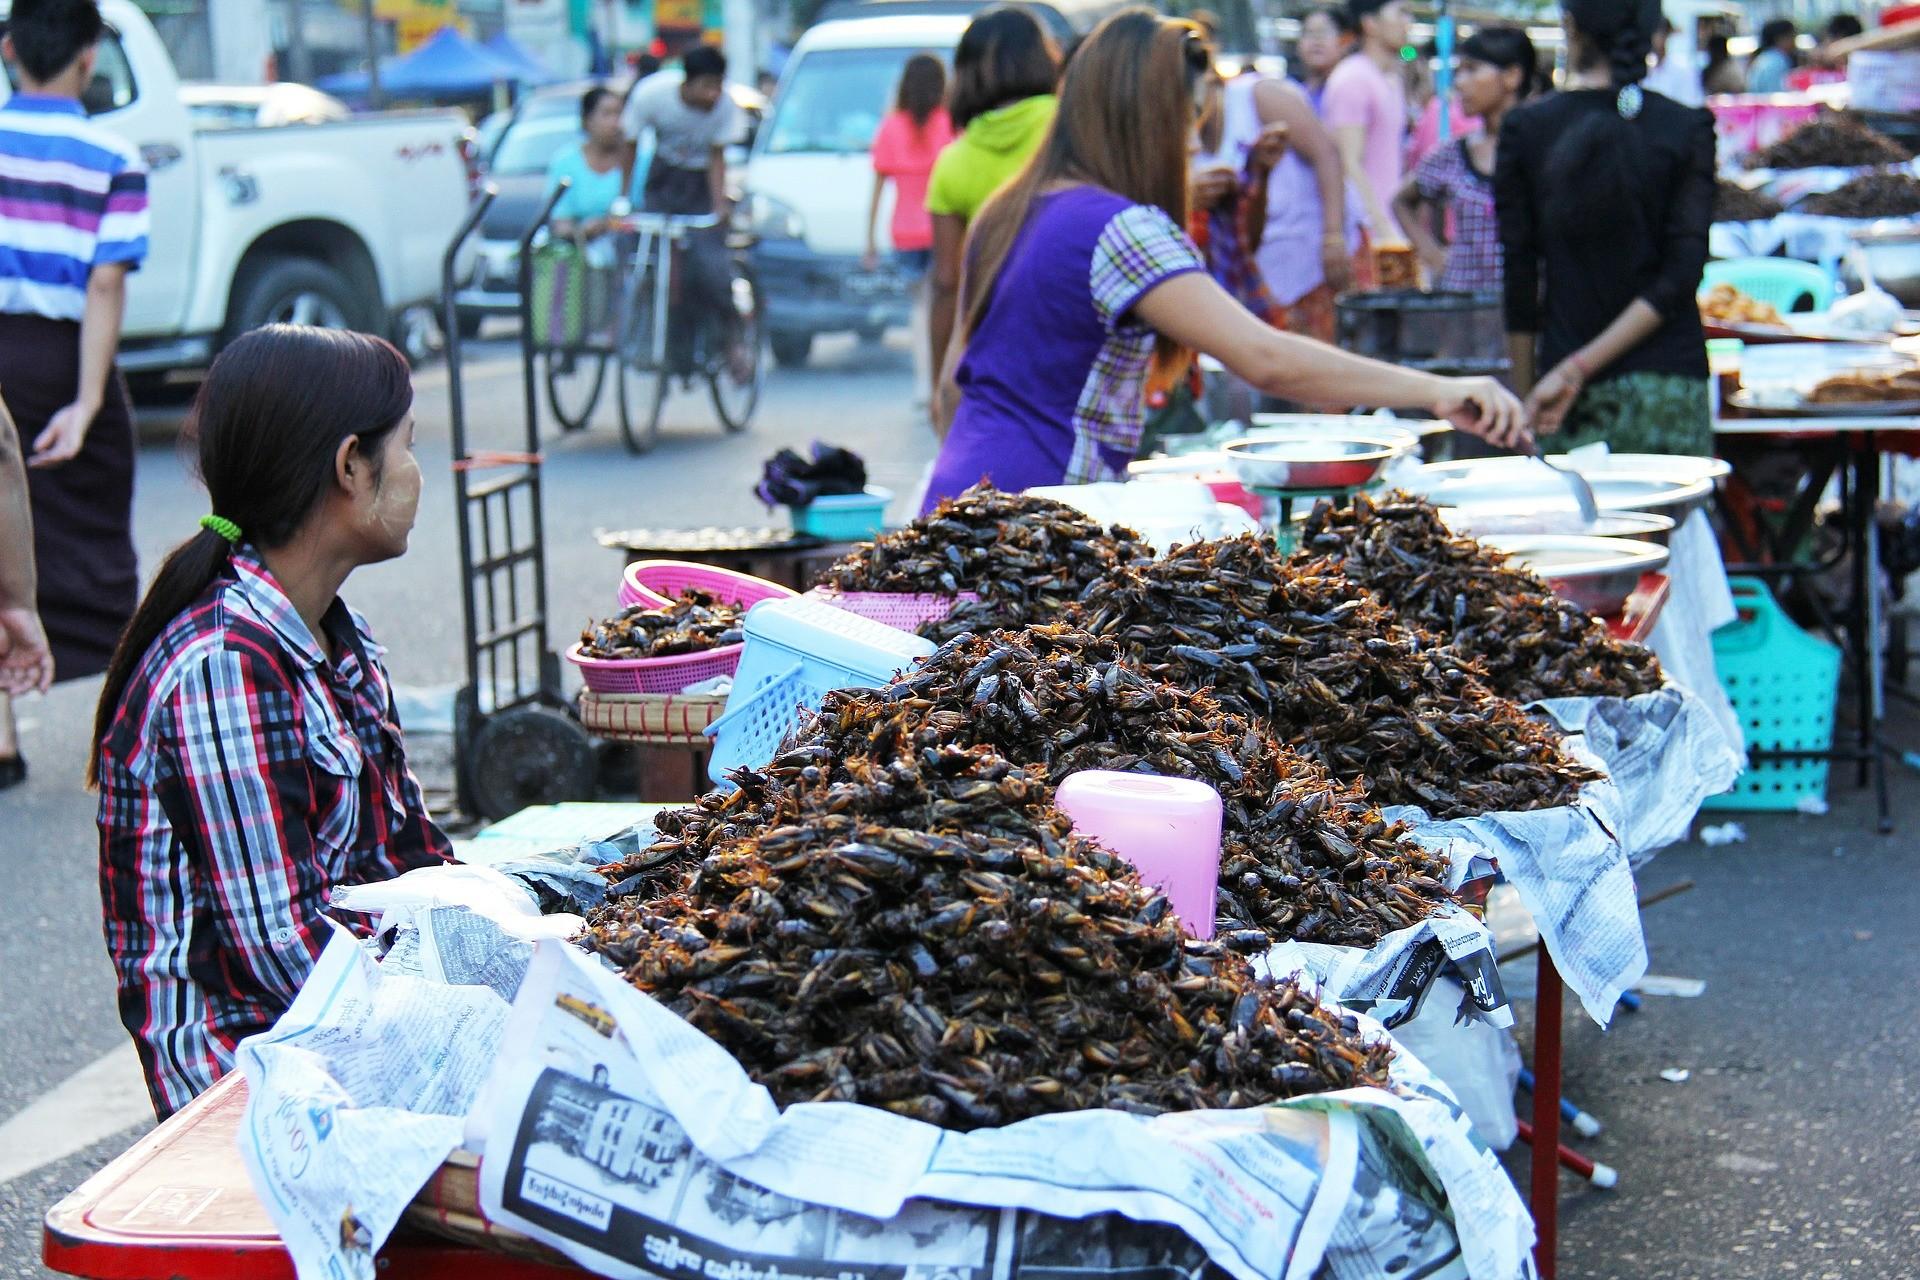 ▲▼炸蟑螂,蟑螂料理,東南亞,恐怖料理,炸昆蟲(圖/取自免費圖庫Pixabay)